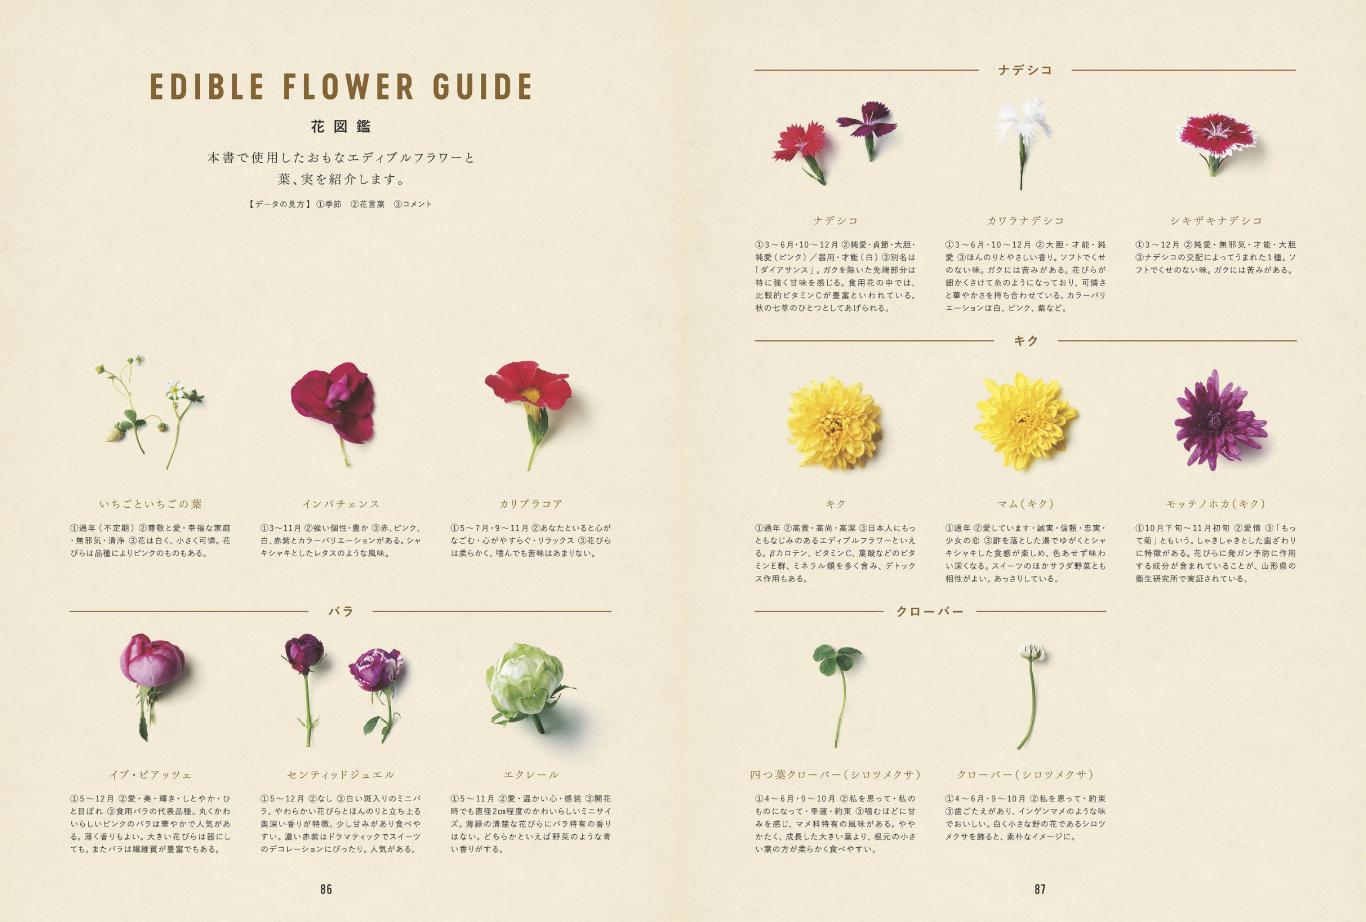 [書籍]FLOWER SWEETS エディブルフラワーでつくるロマンチックな大人スイーツ - 画像5